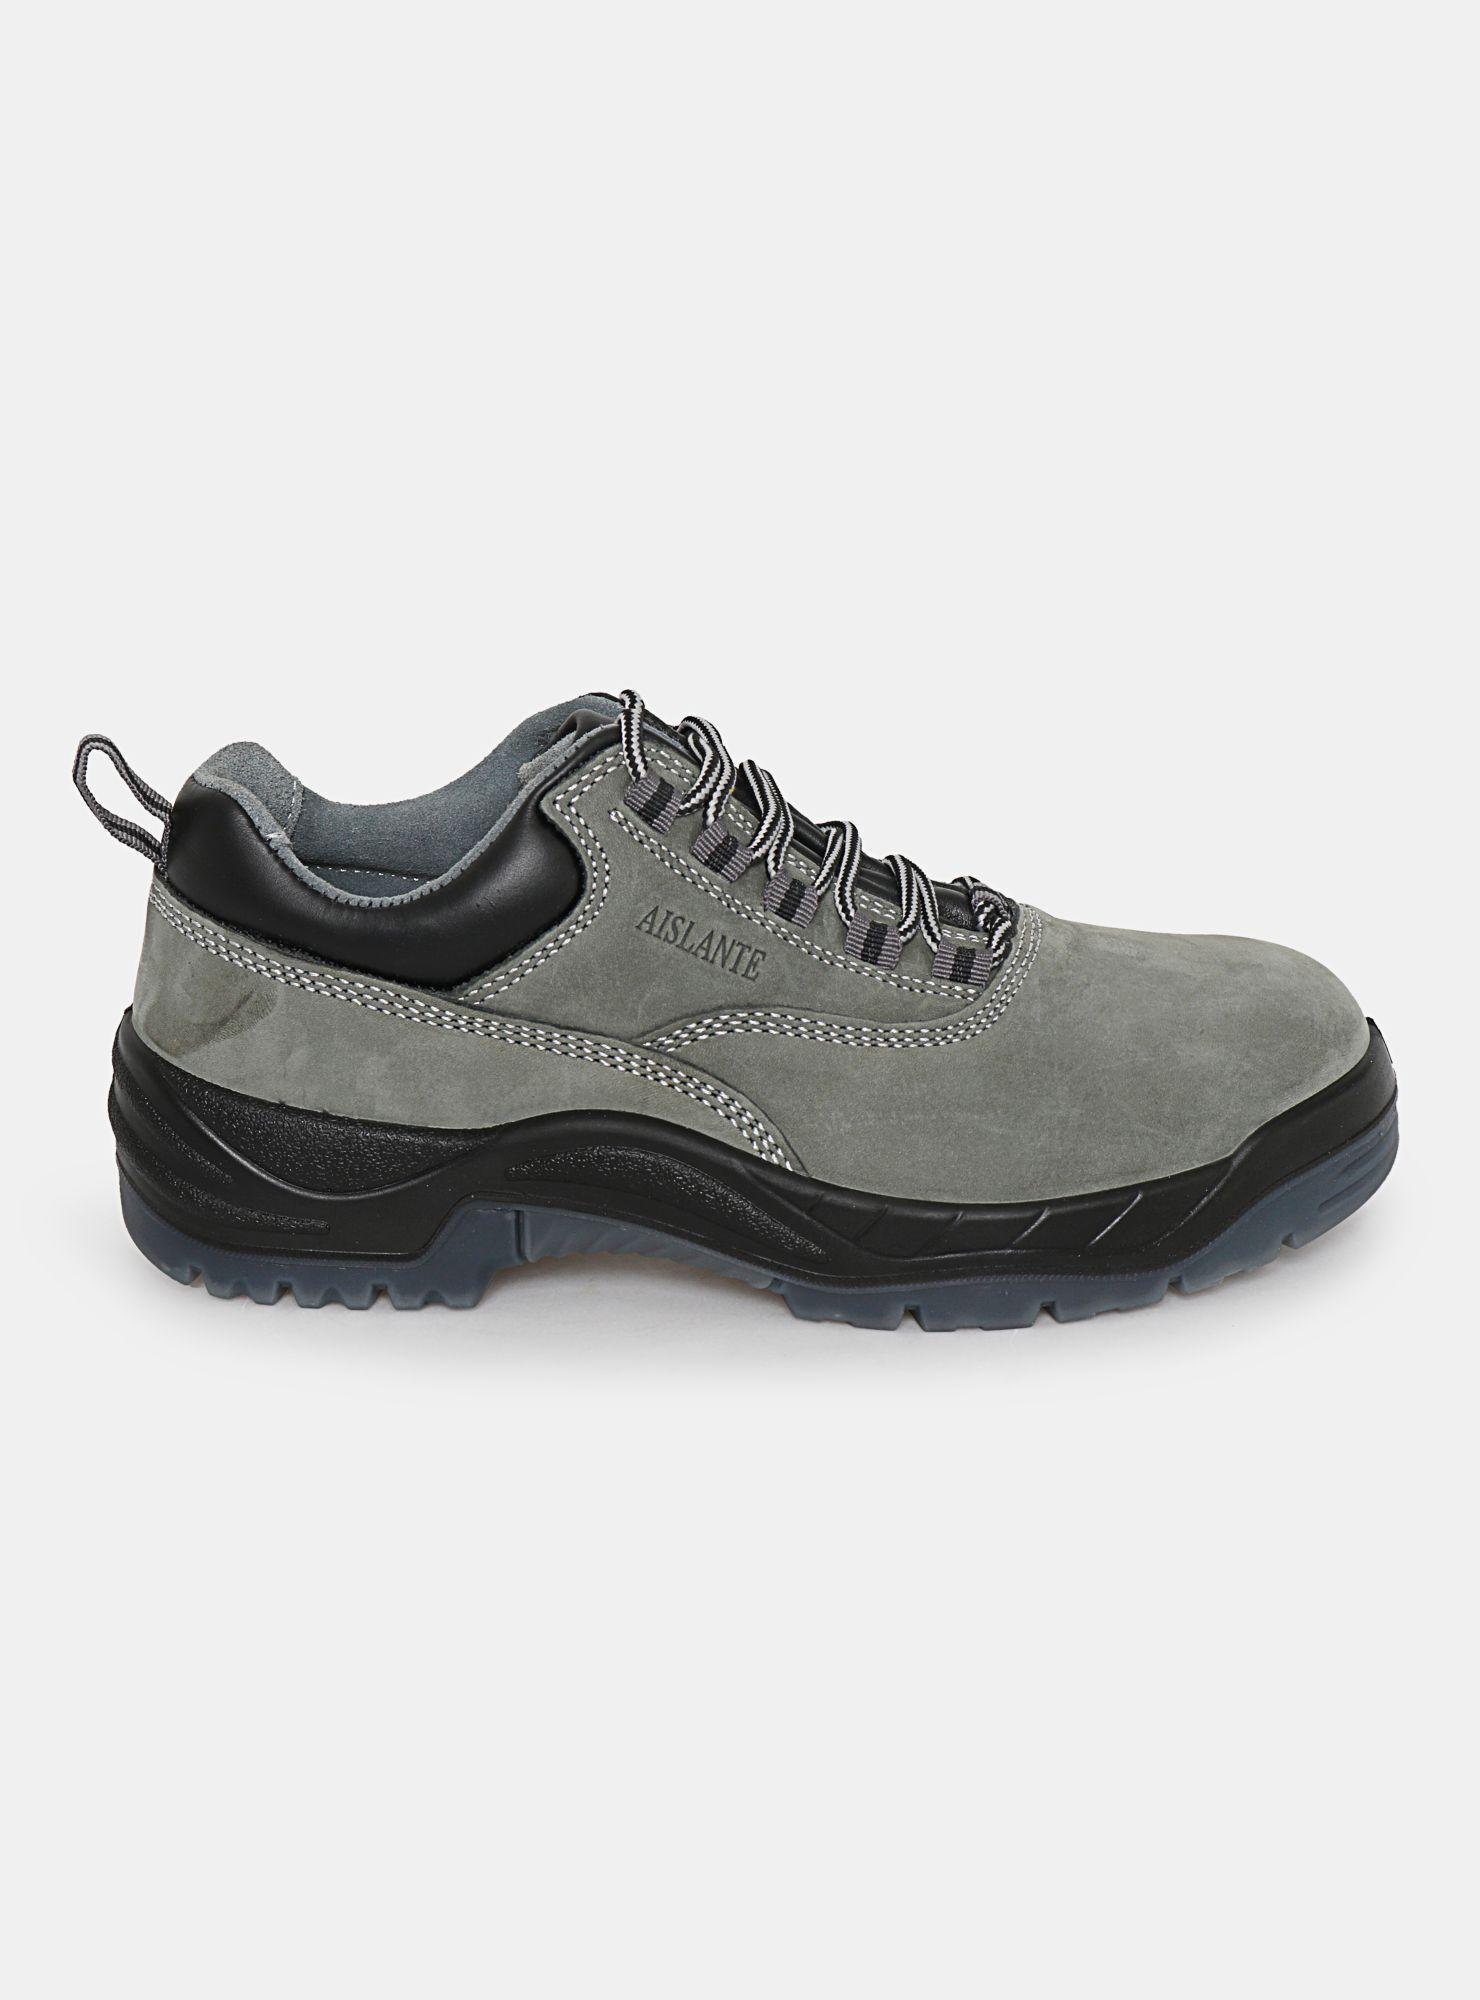 zapatos seguridad hombres adidas